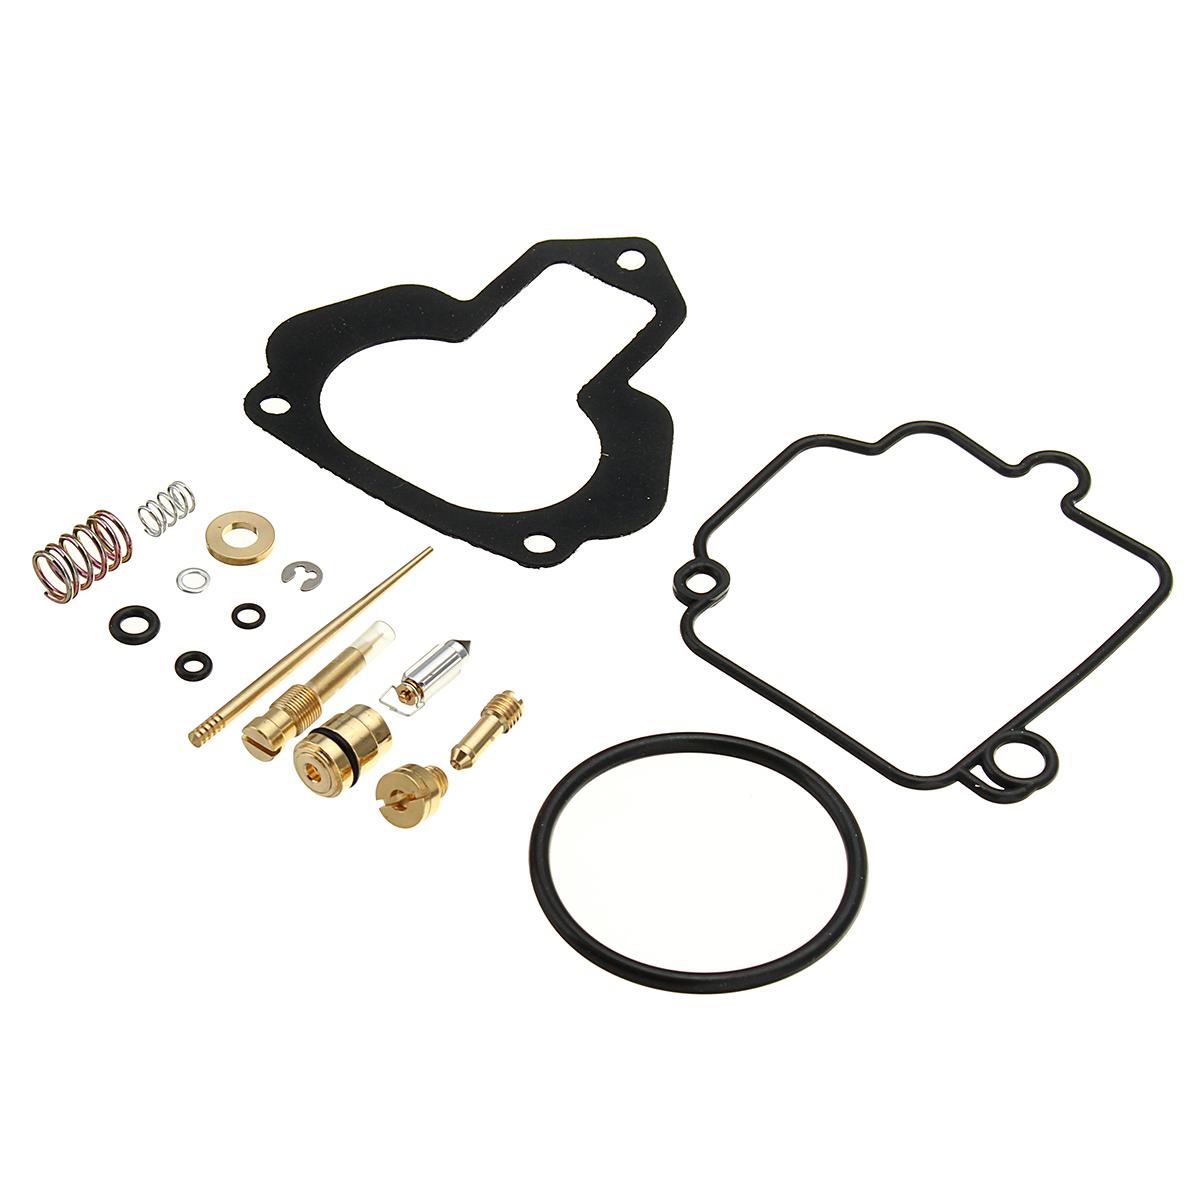 Carburetor Rebuild Carb Repair Set for Yamaha Big Bear 350